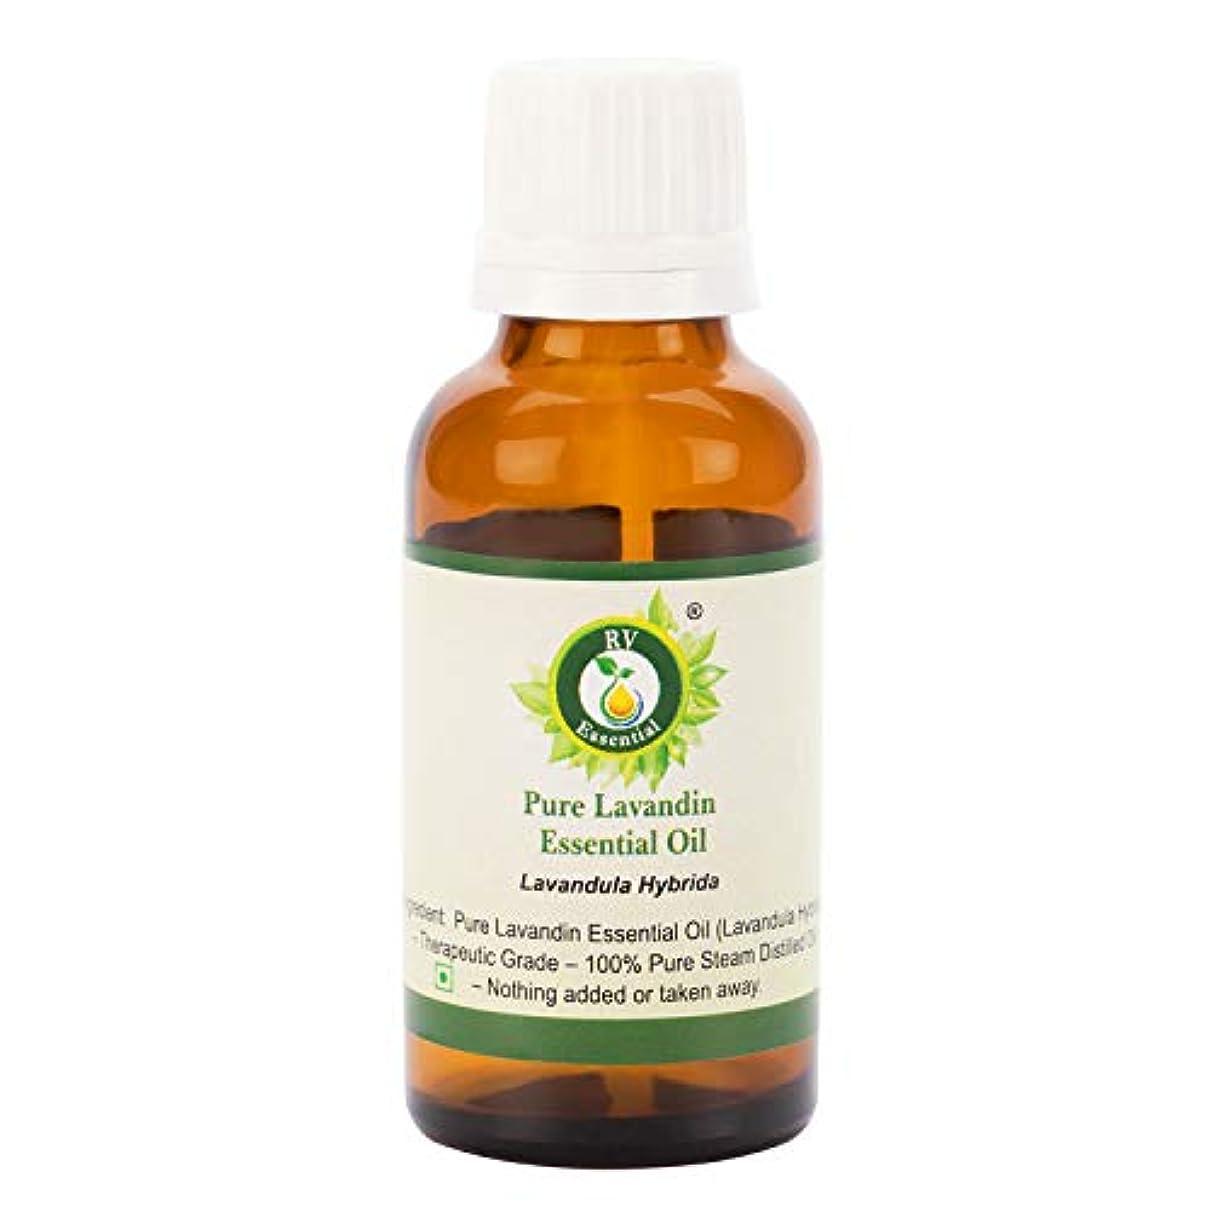 小説事業資金ピュアLavandinエッセンシャルオイル300ml (10oz)- Lavandula Hybrida (100%純粋&天然スチームDistilled) Pure Lavandin Essential Oil